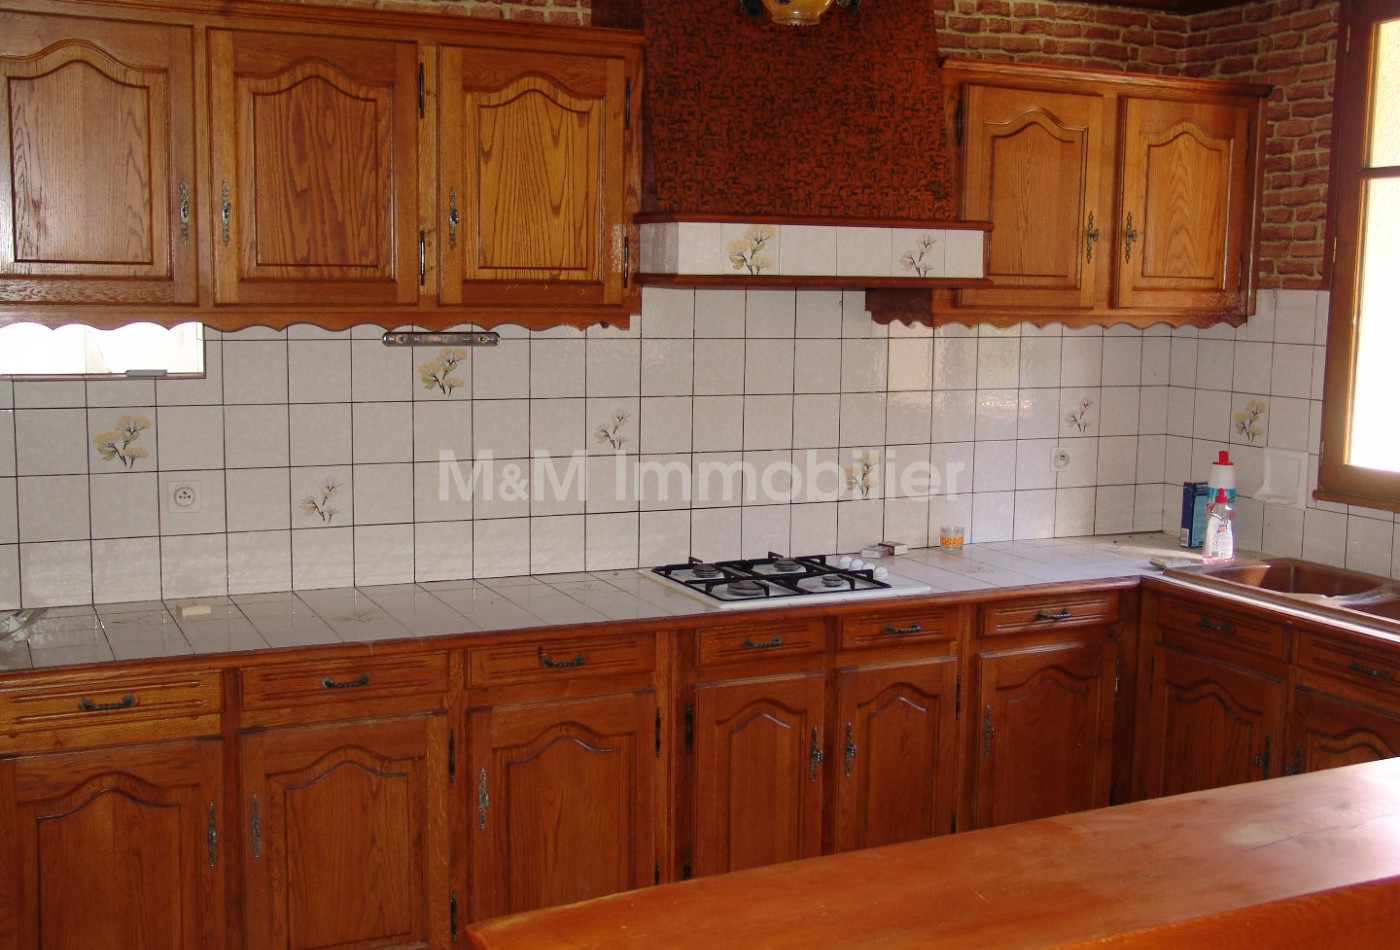 A vendre  Mijanes | Réf 11027976 - M&m immobilier